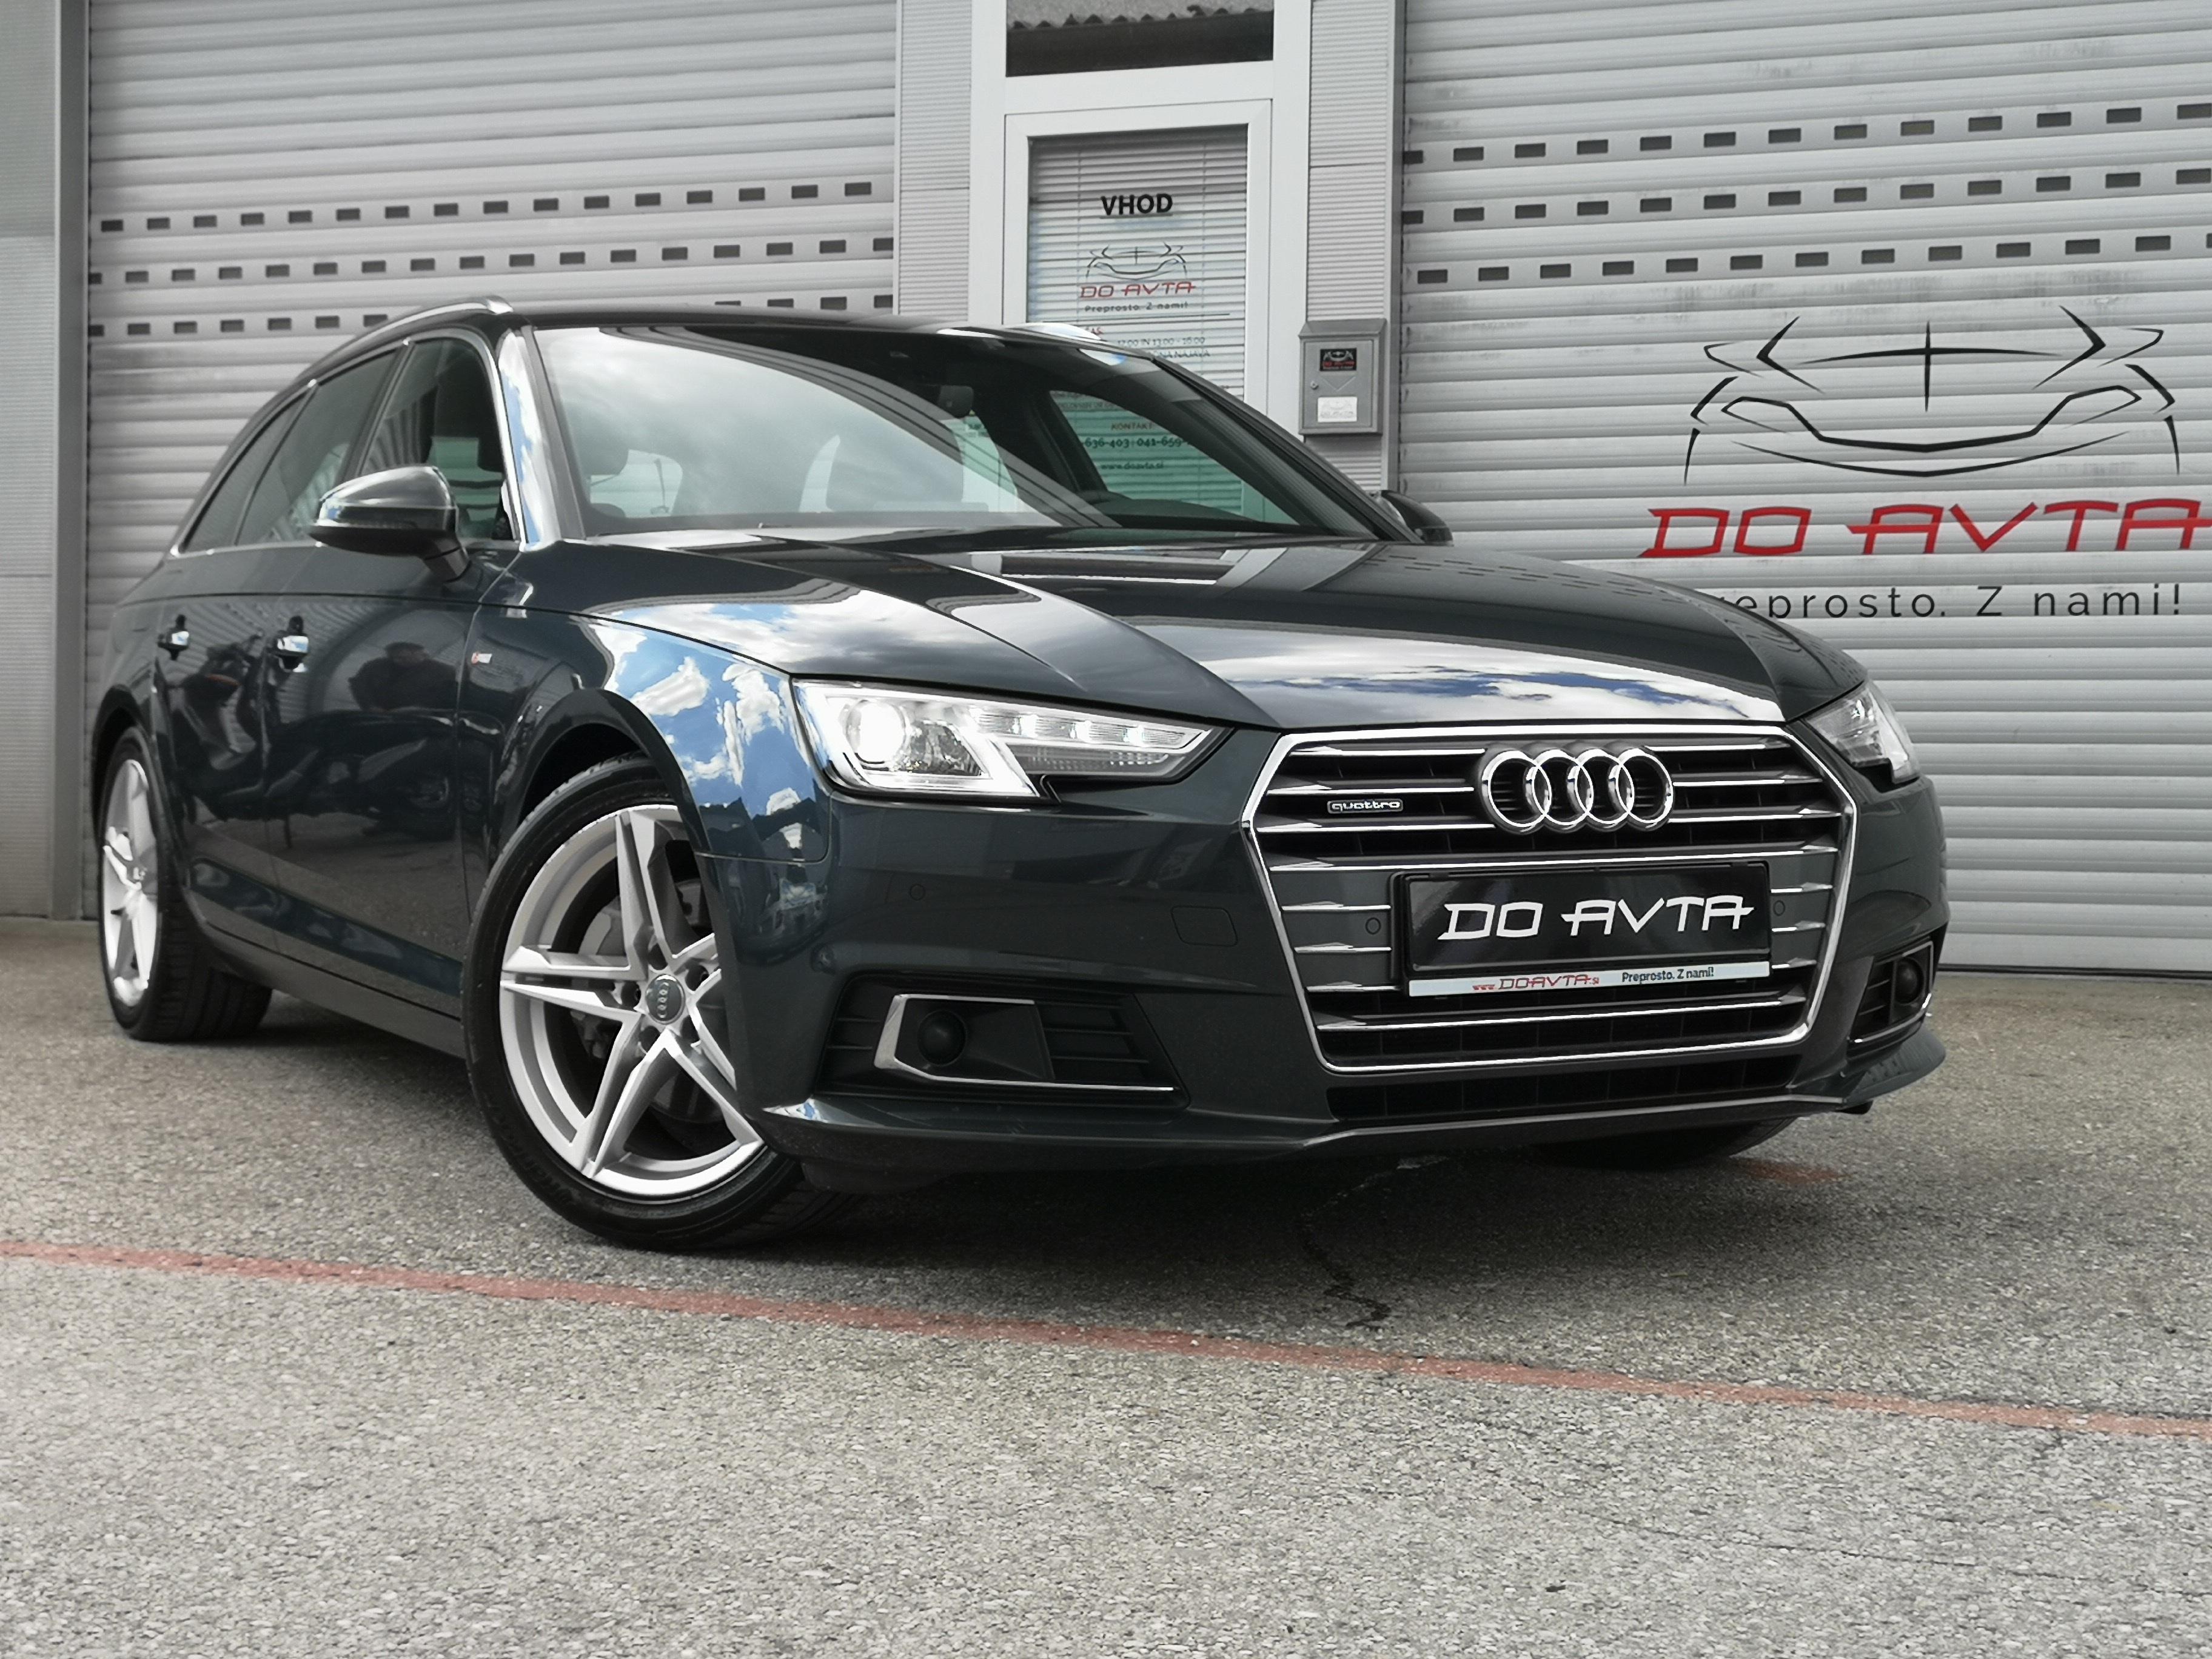 NAJPOPULARNEJŠI RABLJENI AVTOMOBILI: Audi A4